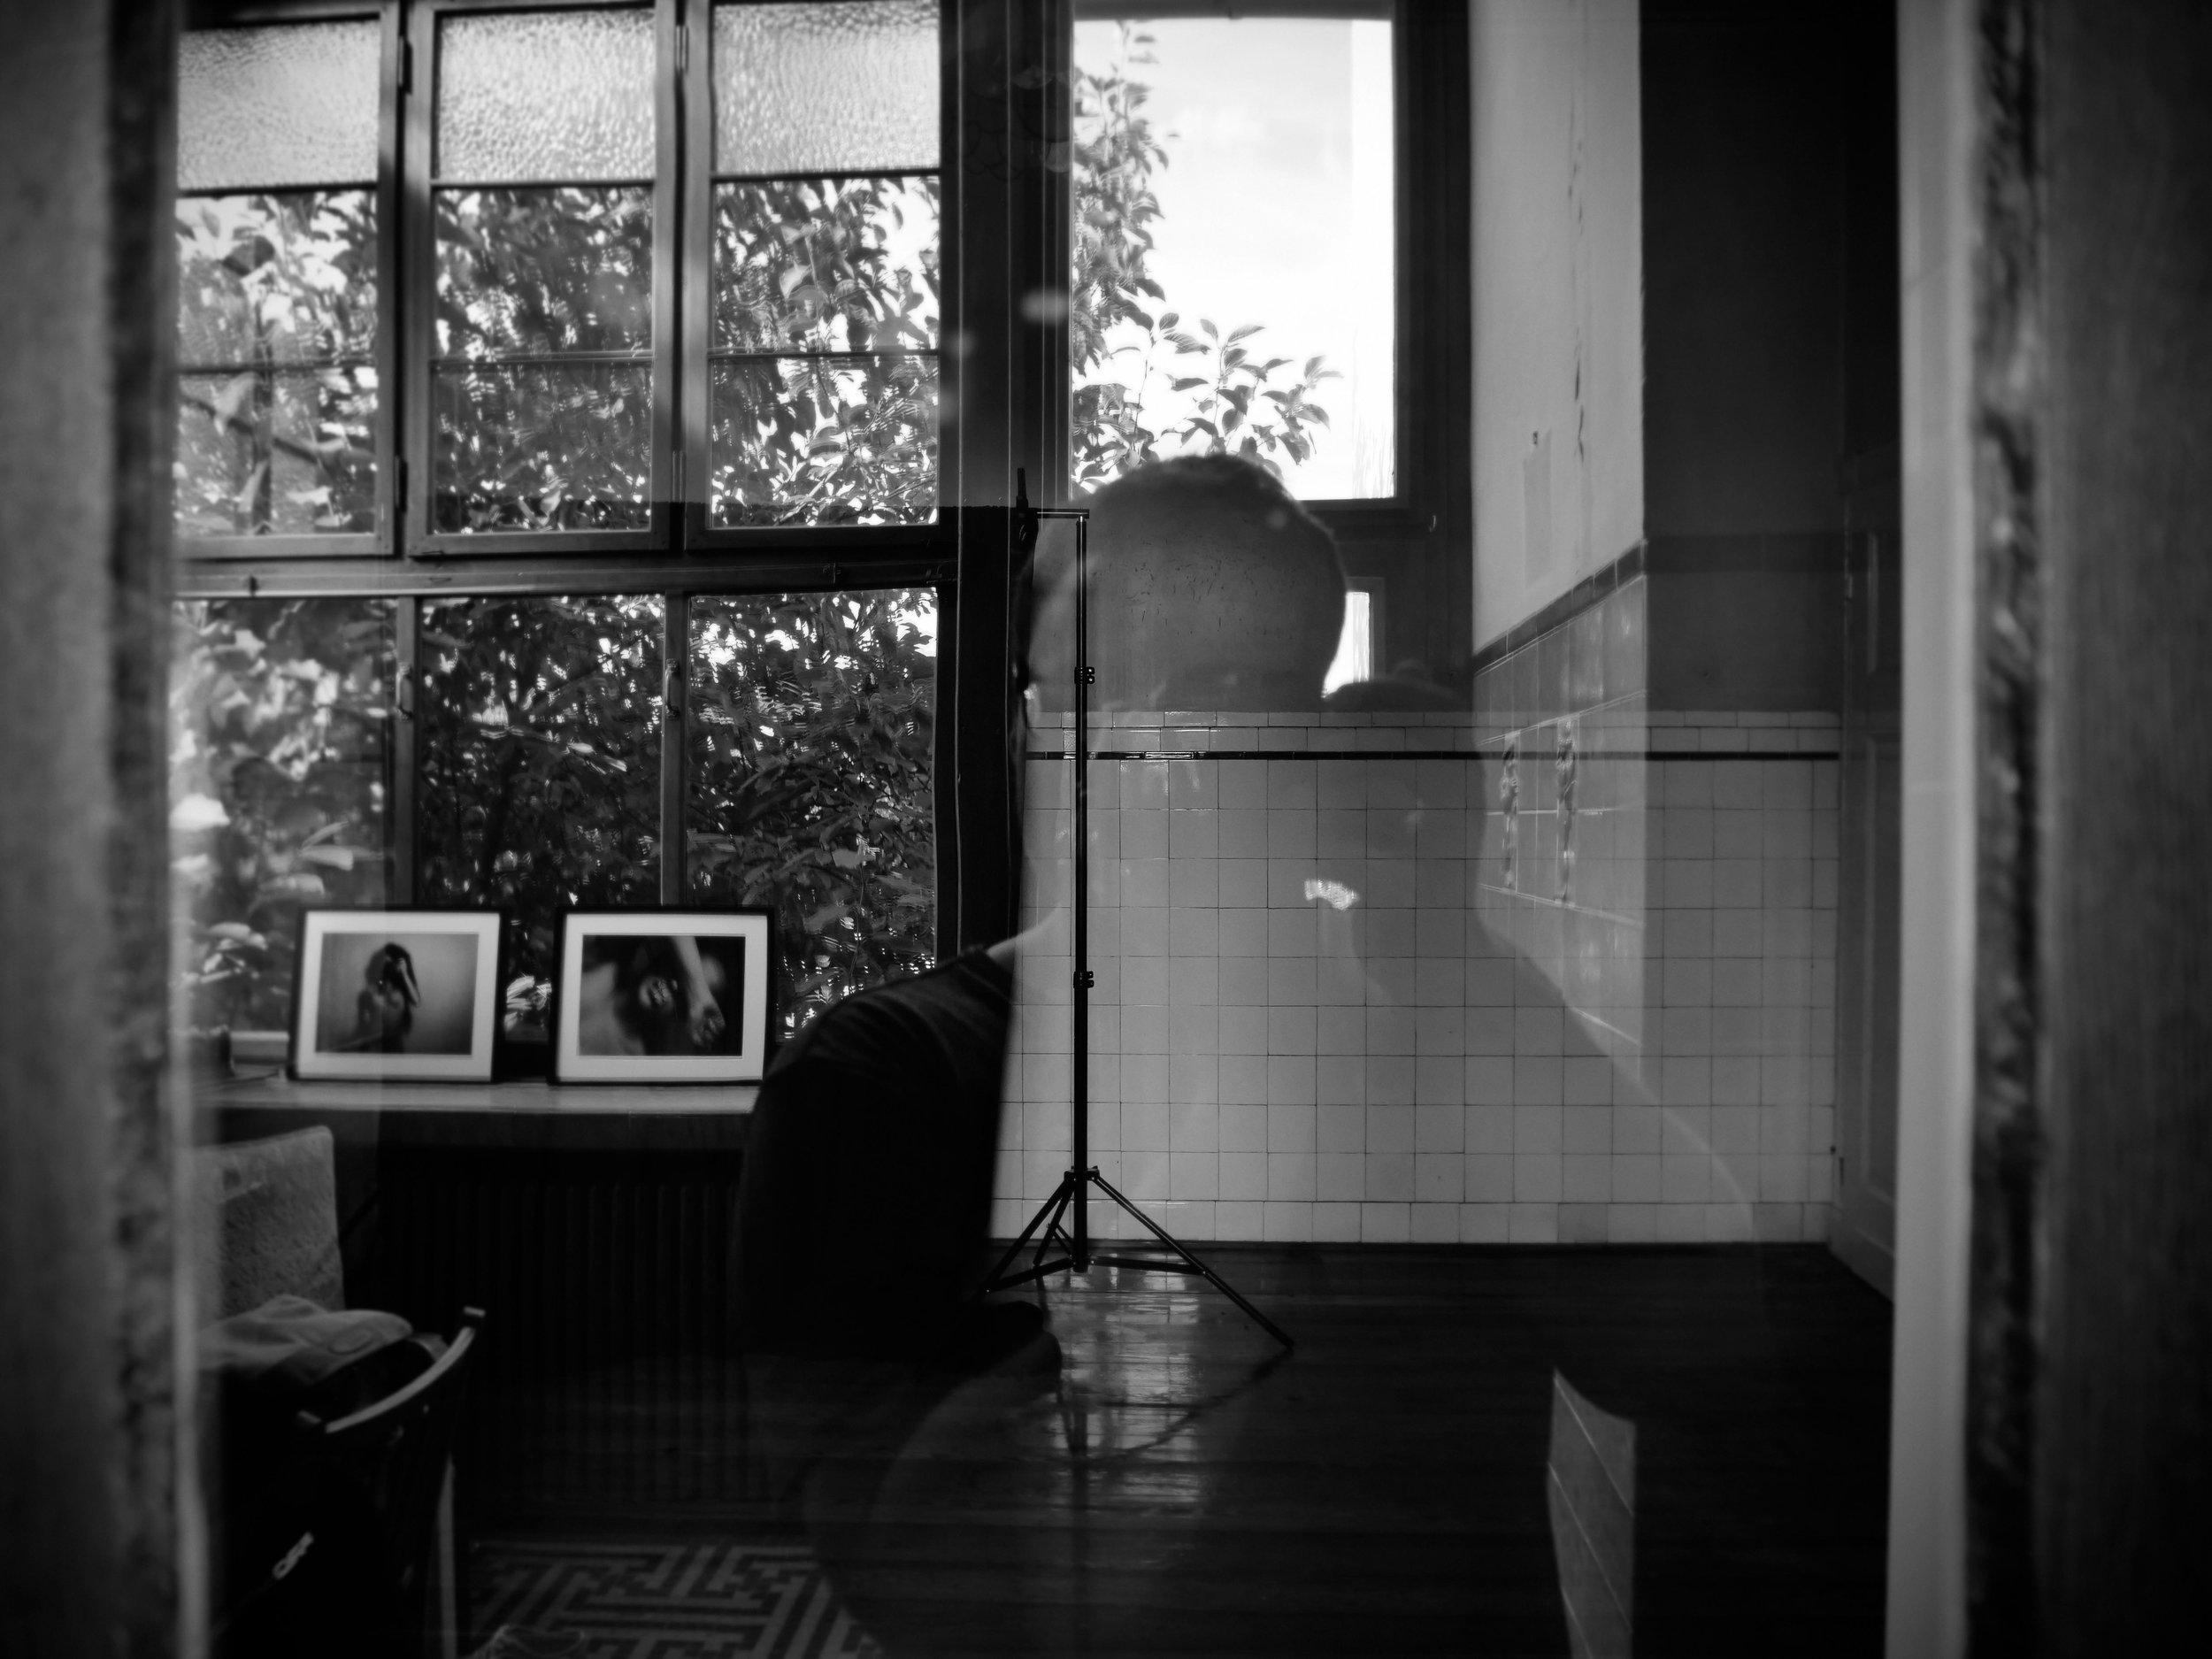 Fotostudio Bonn Portraitfotograf Daniel Hammelstein P1100618_Exp2.jpg